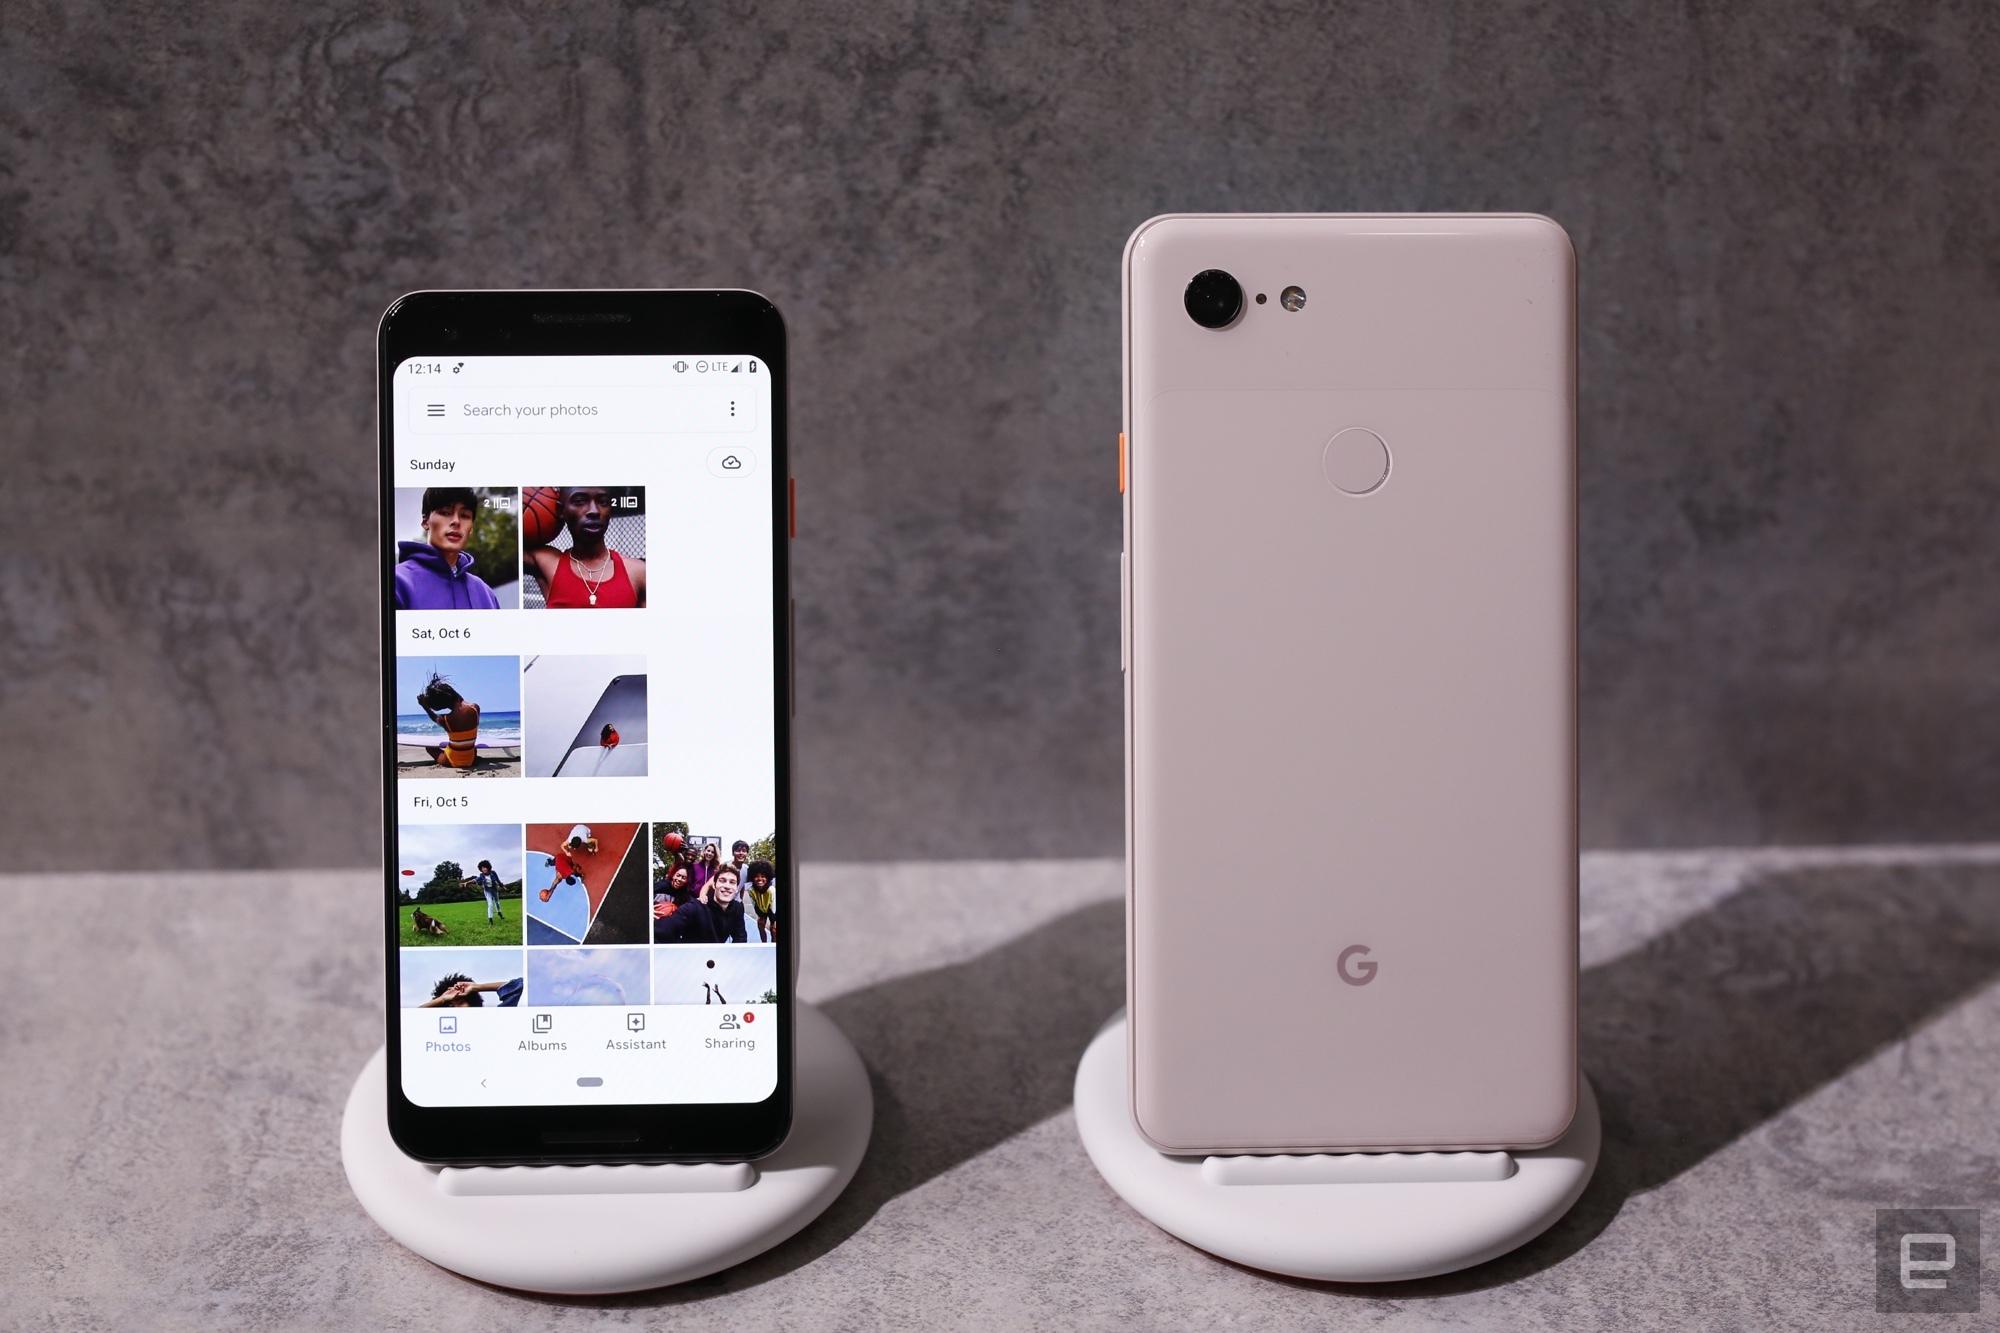 Google Pixel 3 và Pixel 3 XL chính thức được ra mắt với Snapdragon 845, 4GB RAM, camera ngon hơn